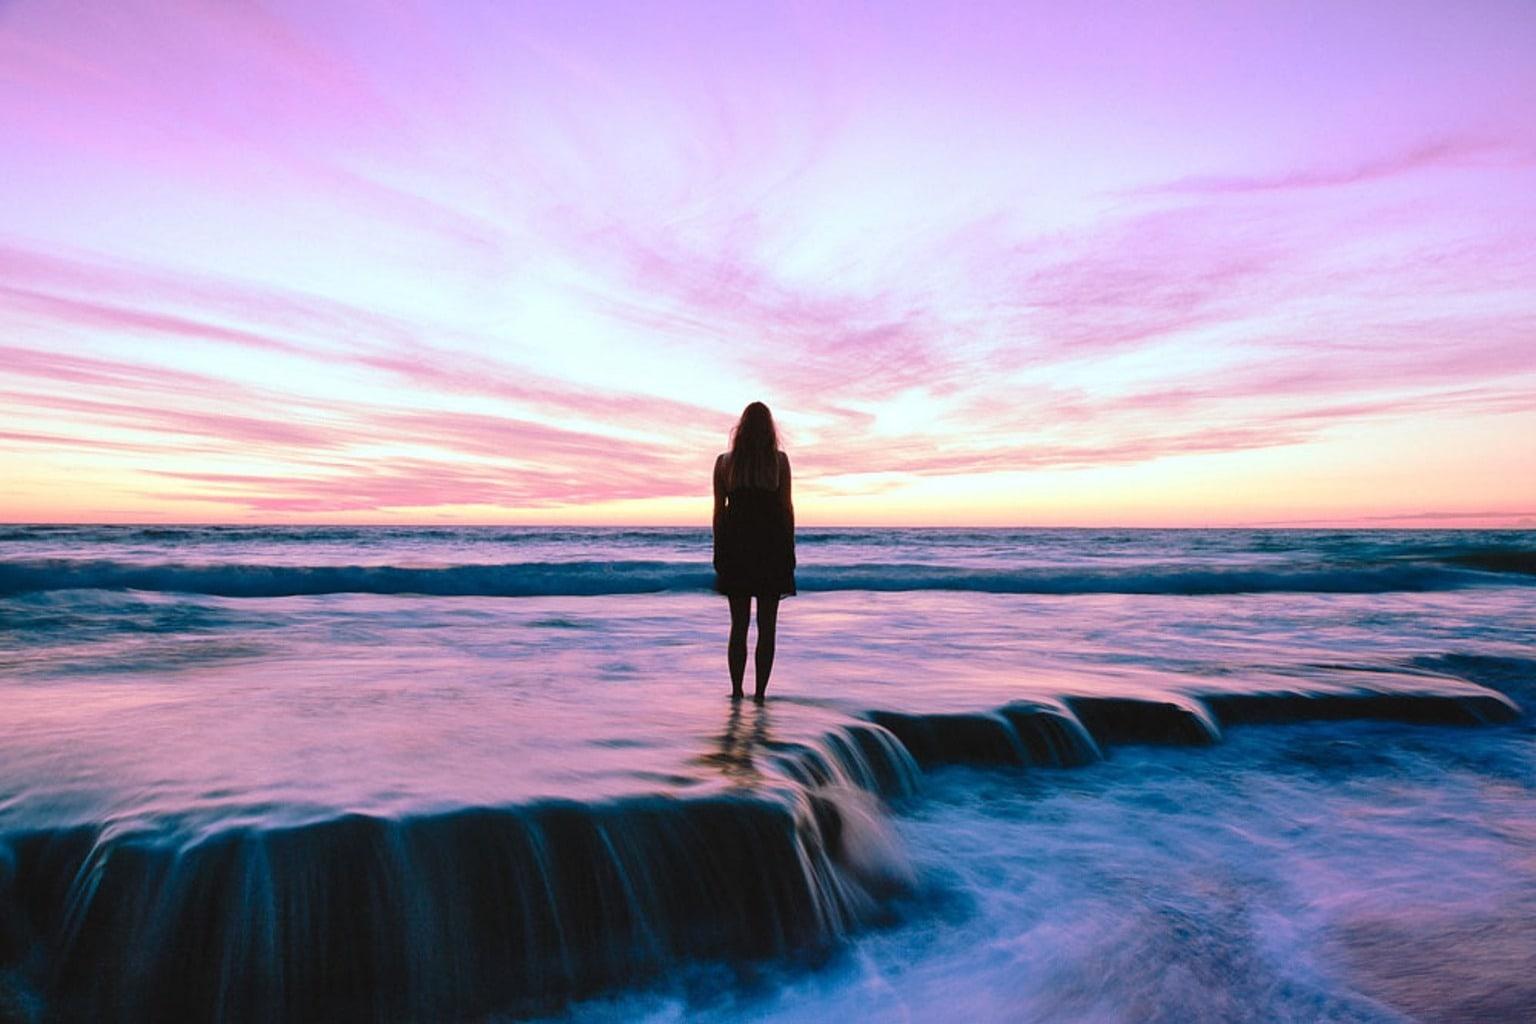 fotografía larga exposición playa